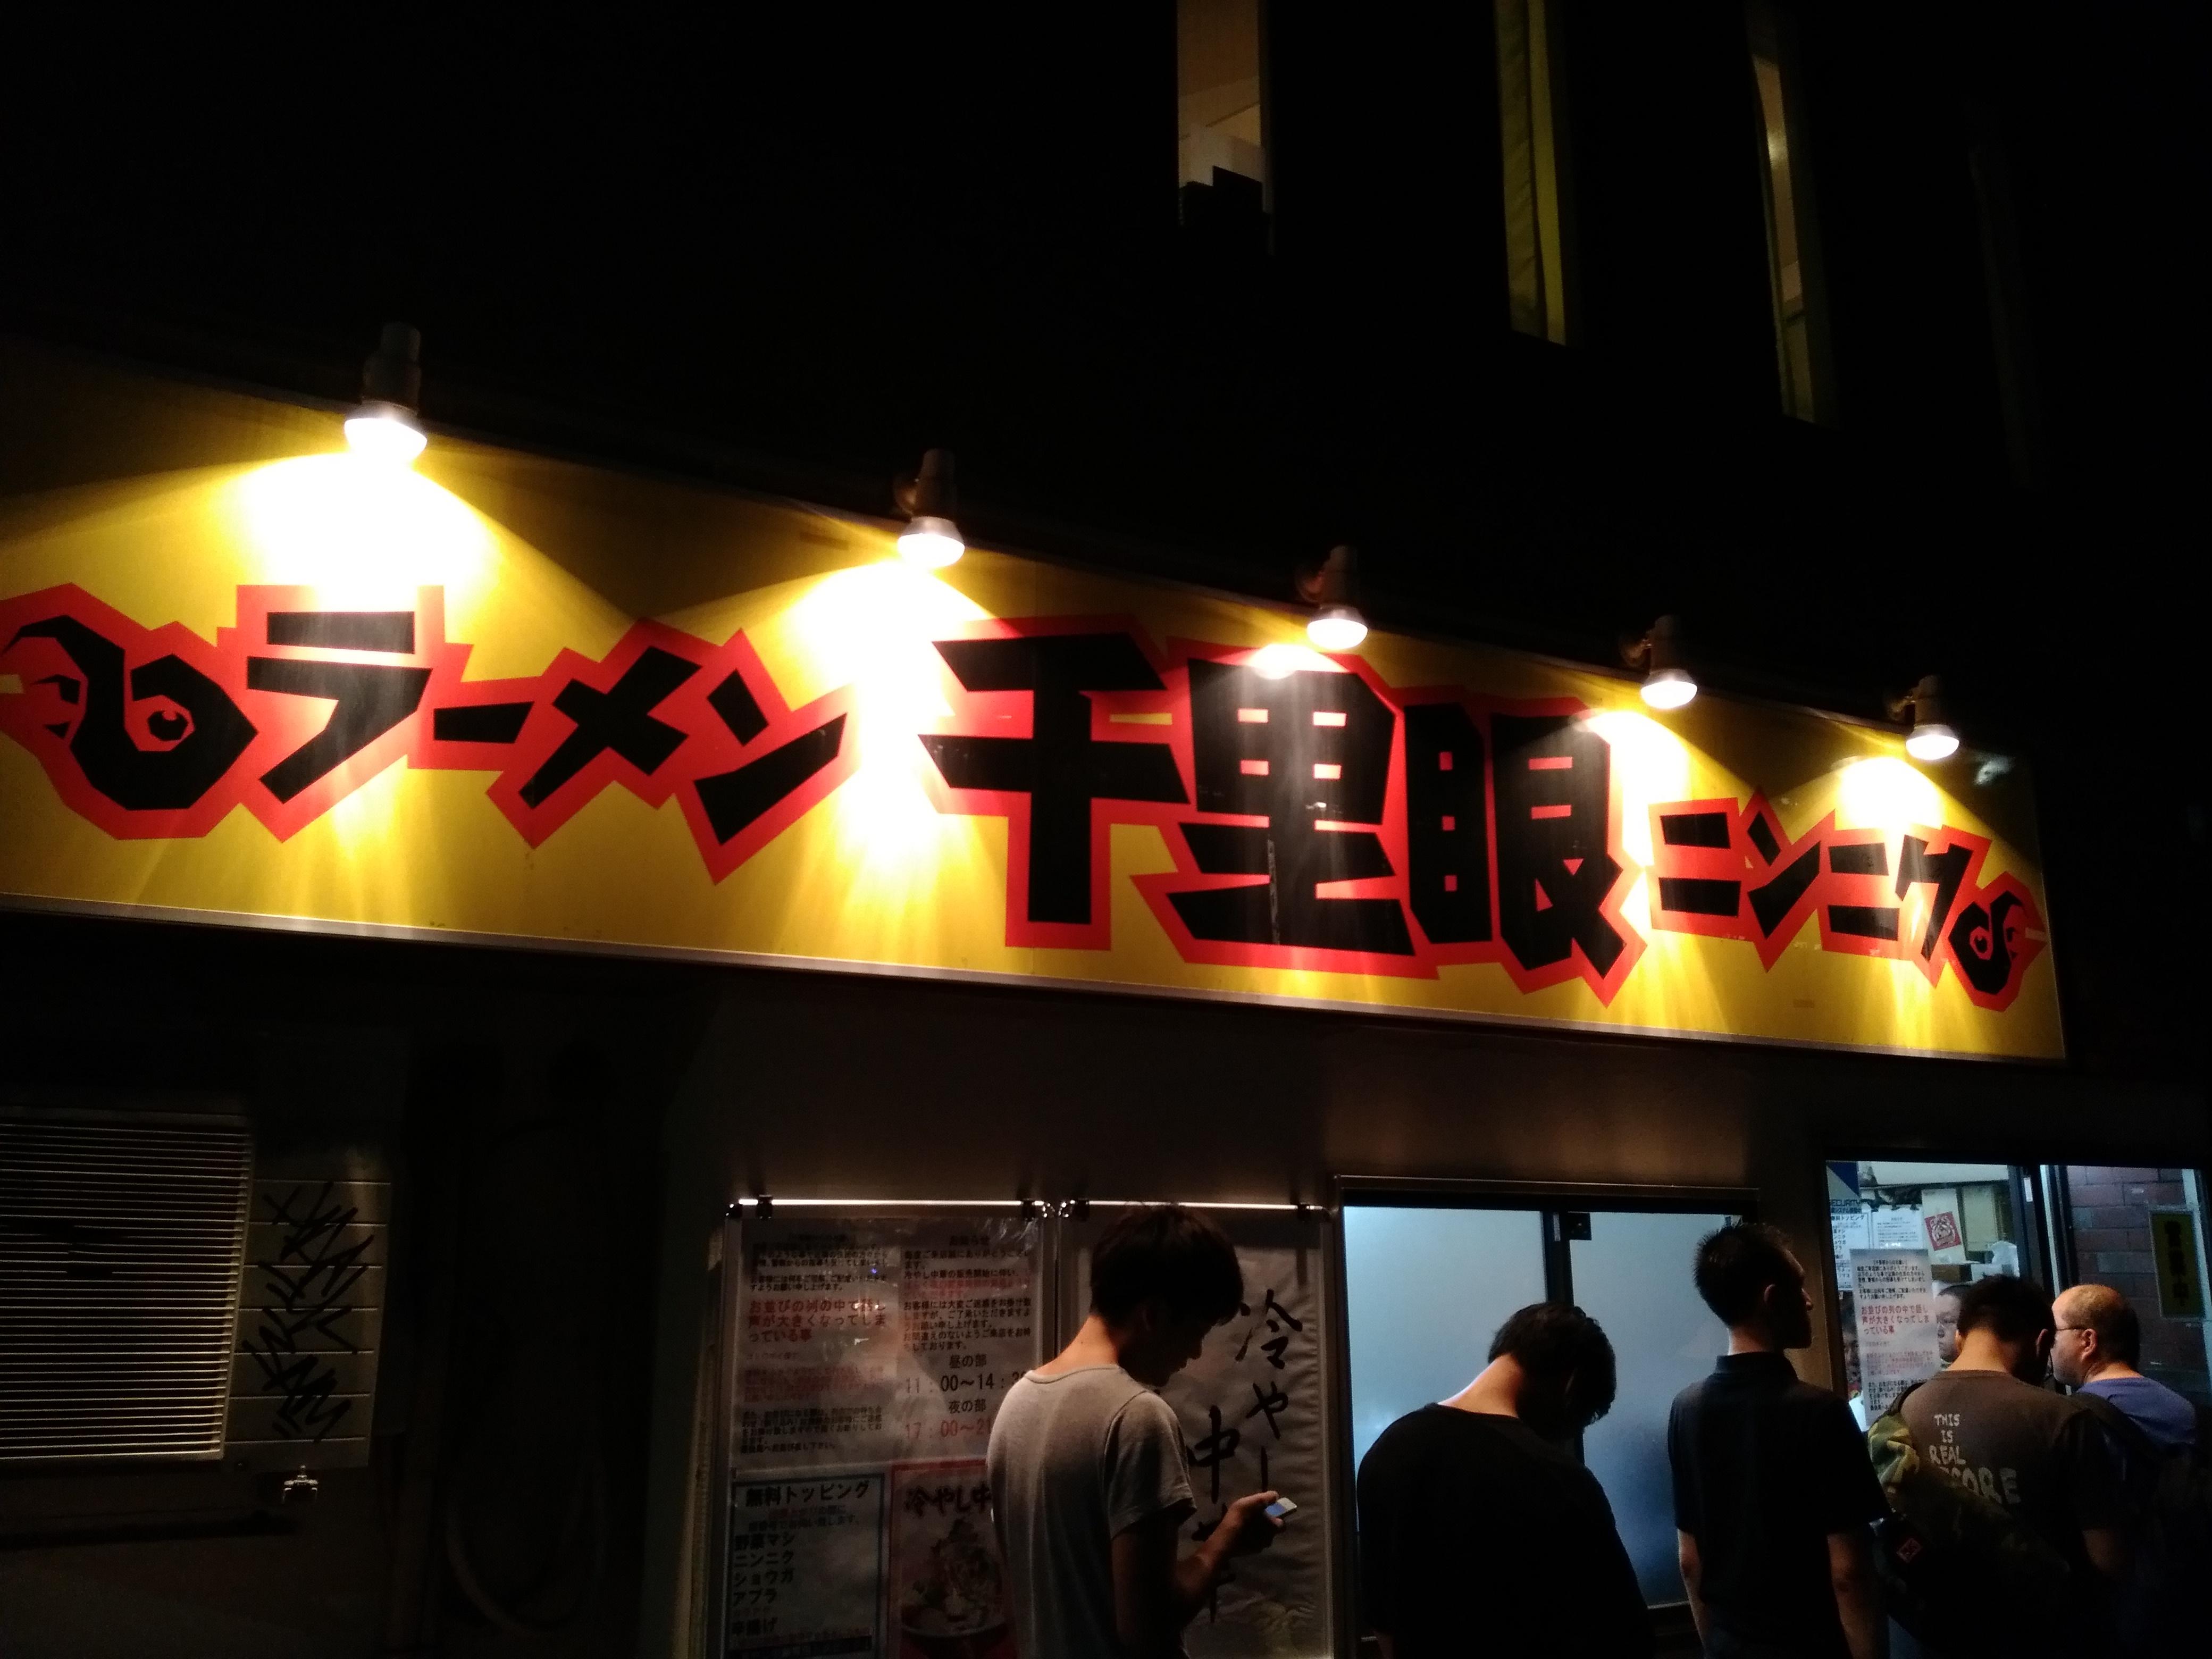 駒場東大前、二郎系でも特に人気の高い千里眼に行ってきた。